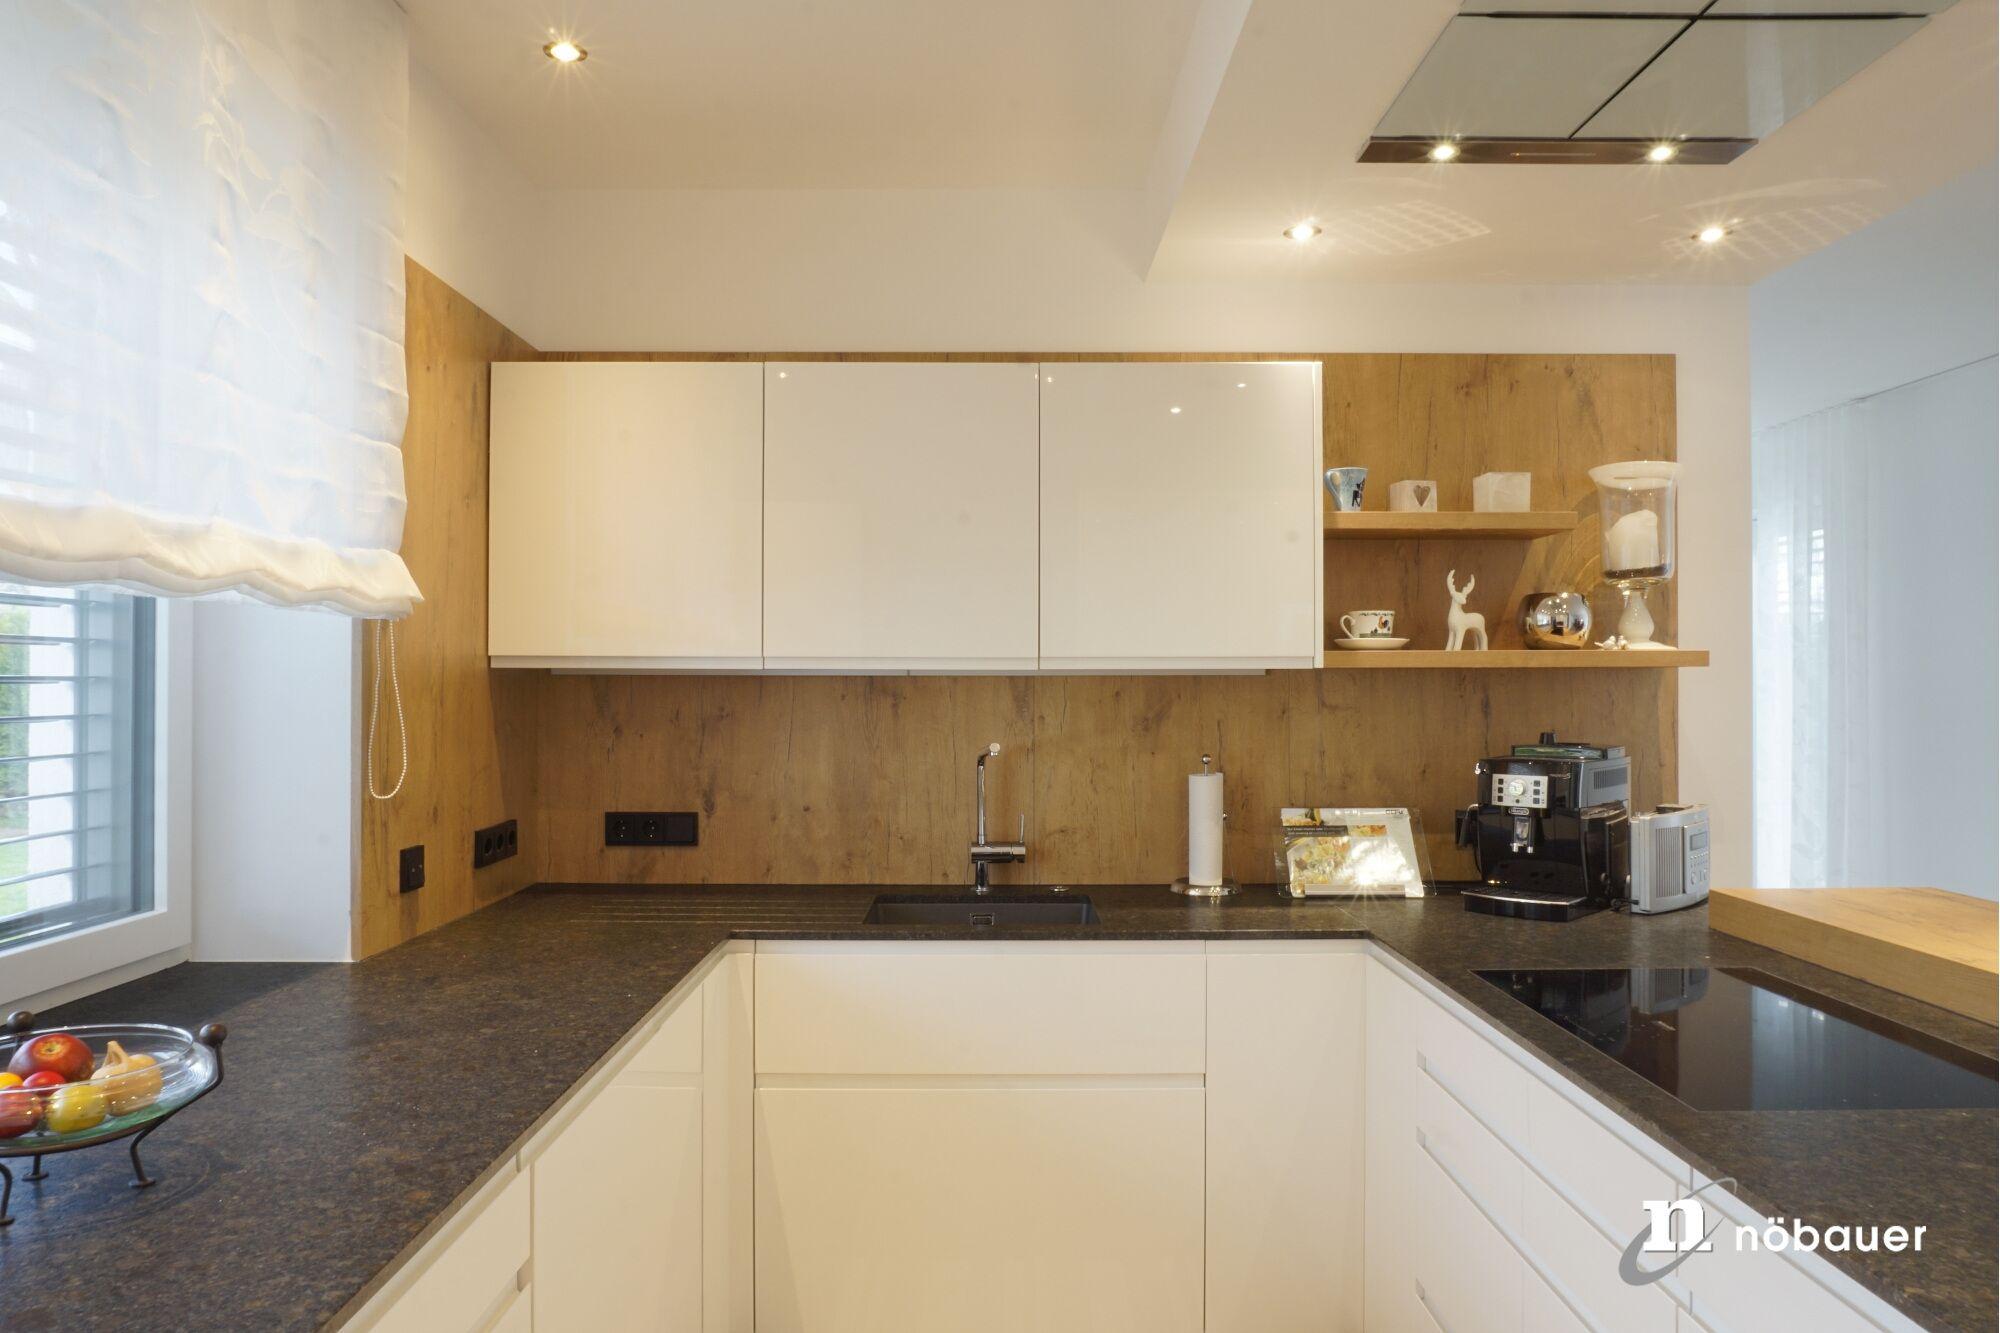 Home küche innenarchitektur bilder nöbauer innenarchitektur  küche  projects  projekte  pinterest